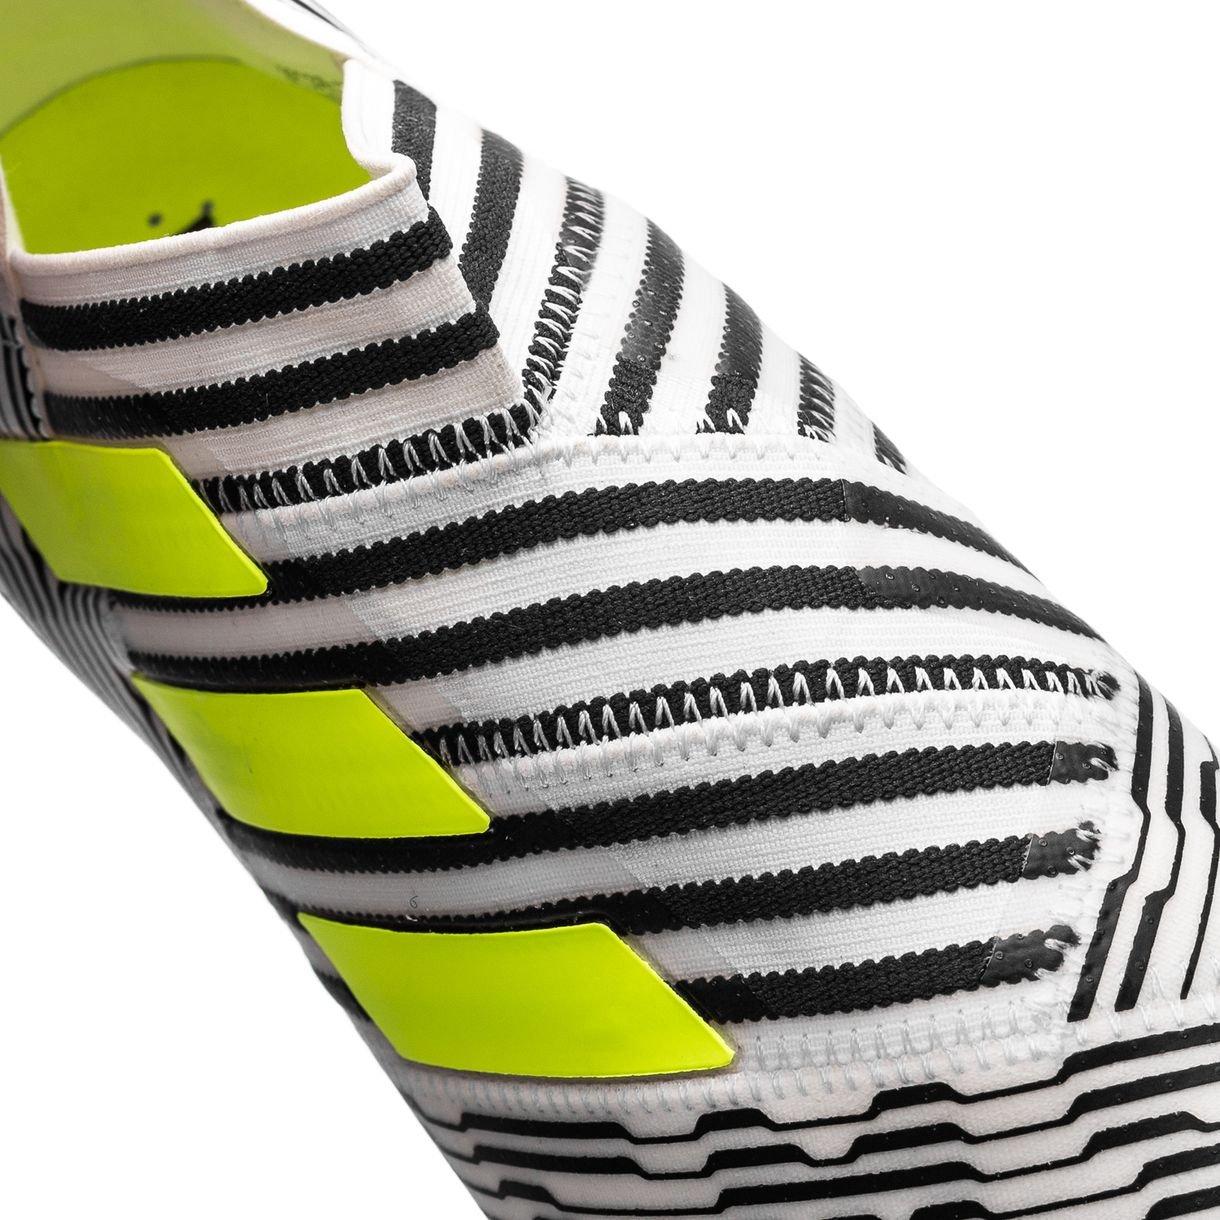 Football shoes adidas NEMEZIZ 17+ 360AGILITY FG J